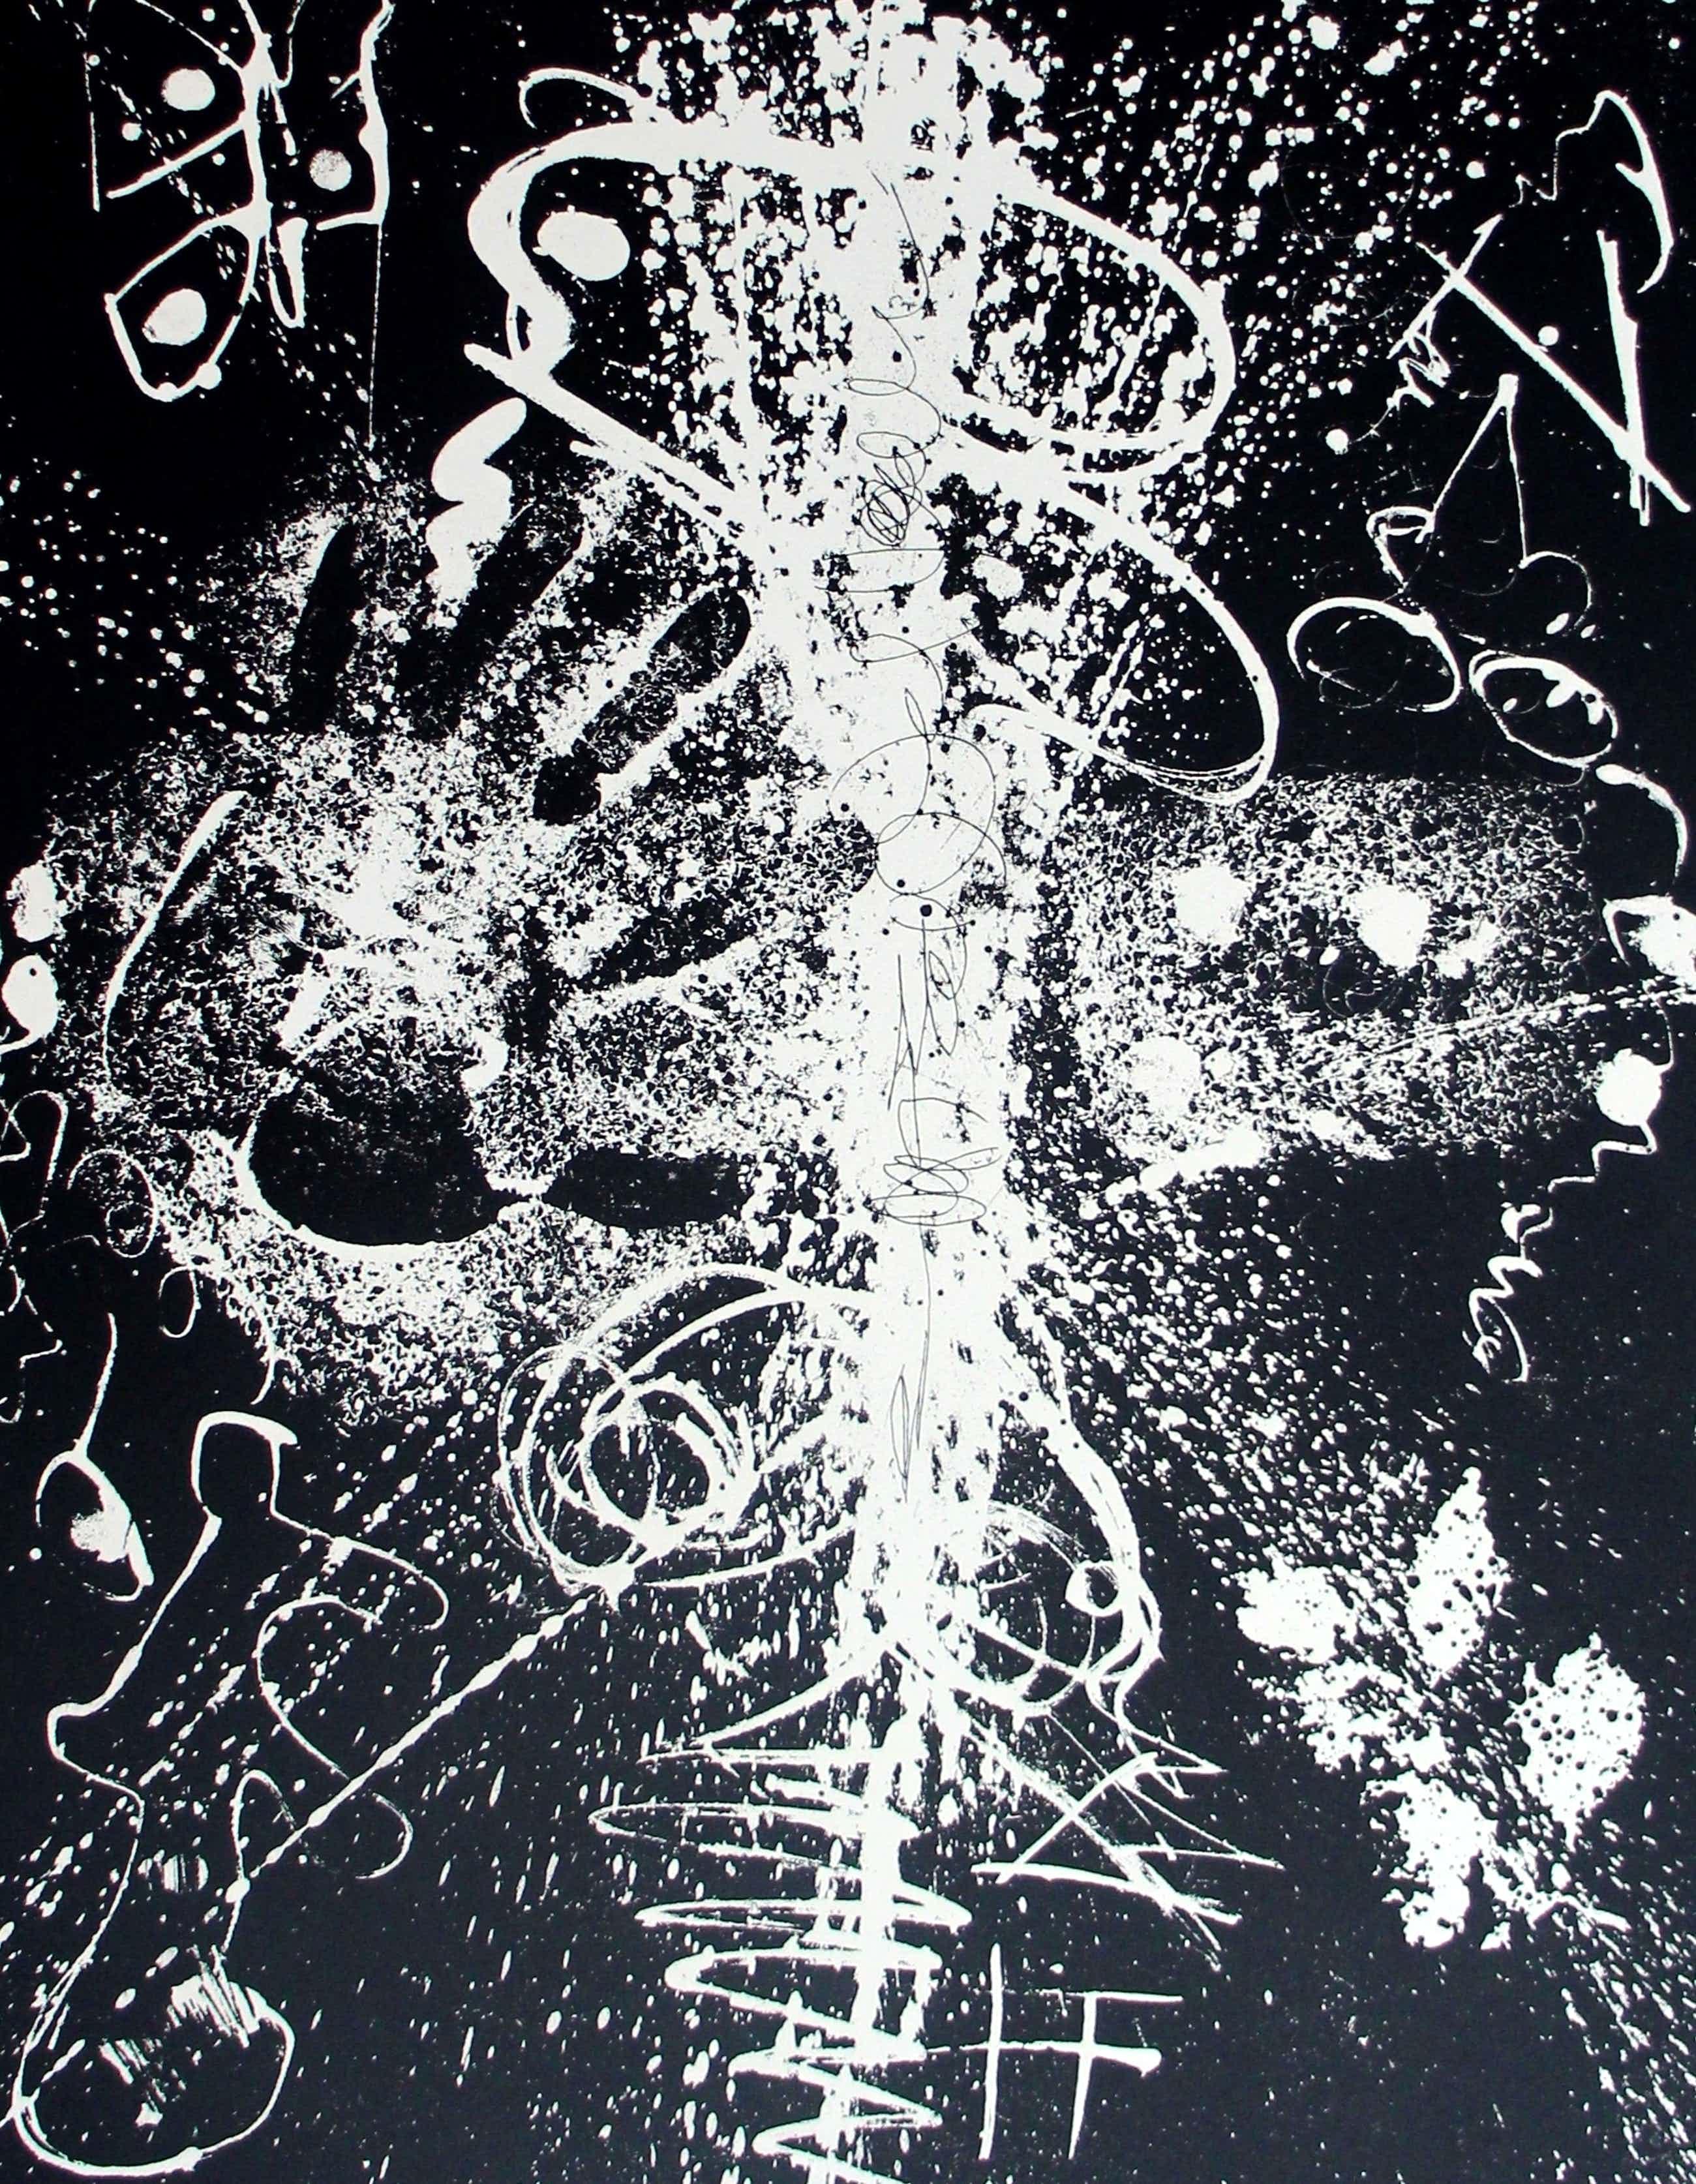 Piet van Stuivenberg - Litho: Abstracte compositie - 1960 kopen? Bied vanaf 36!